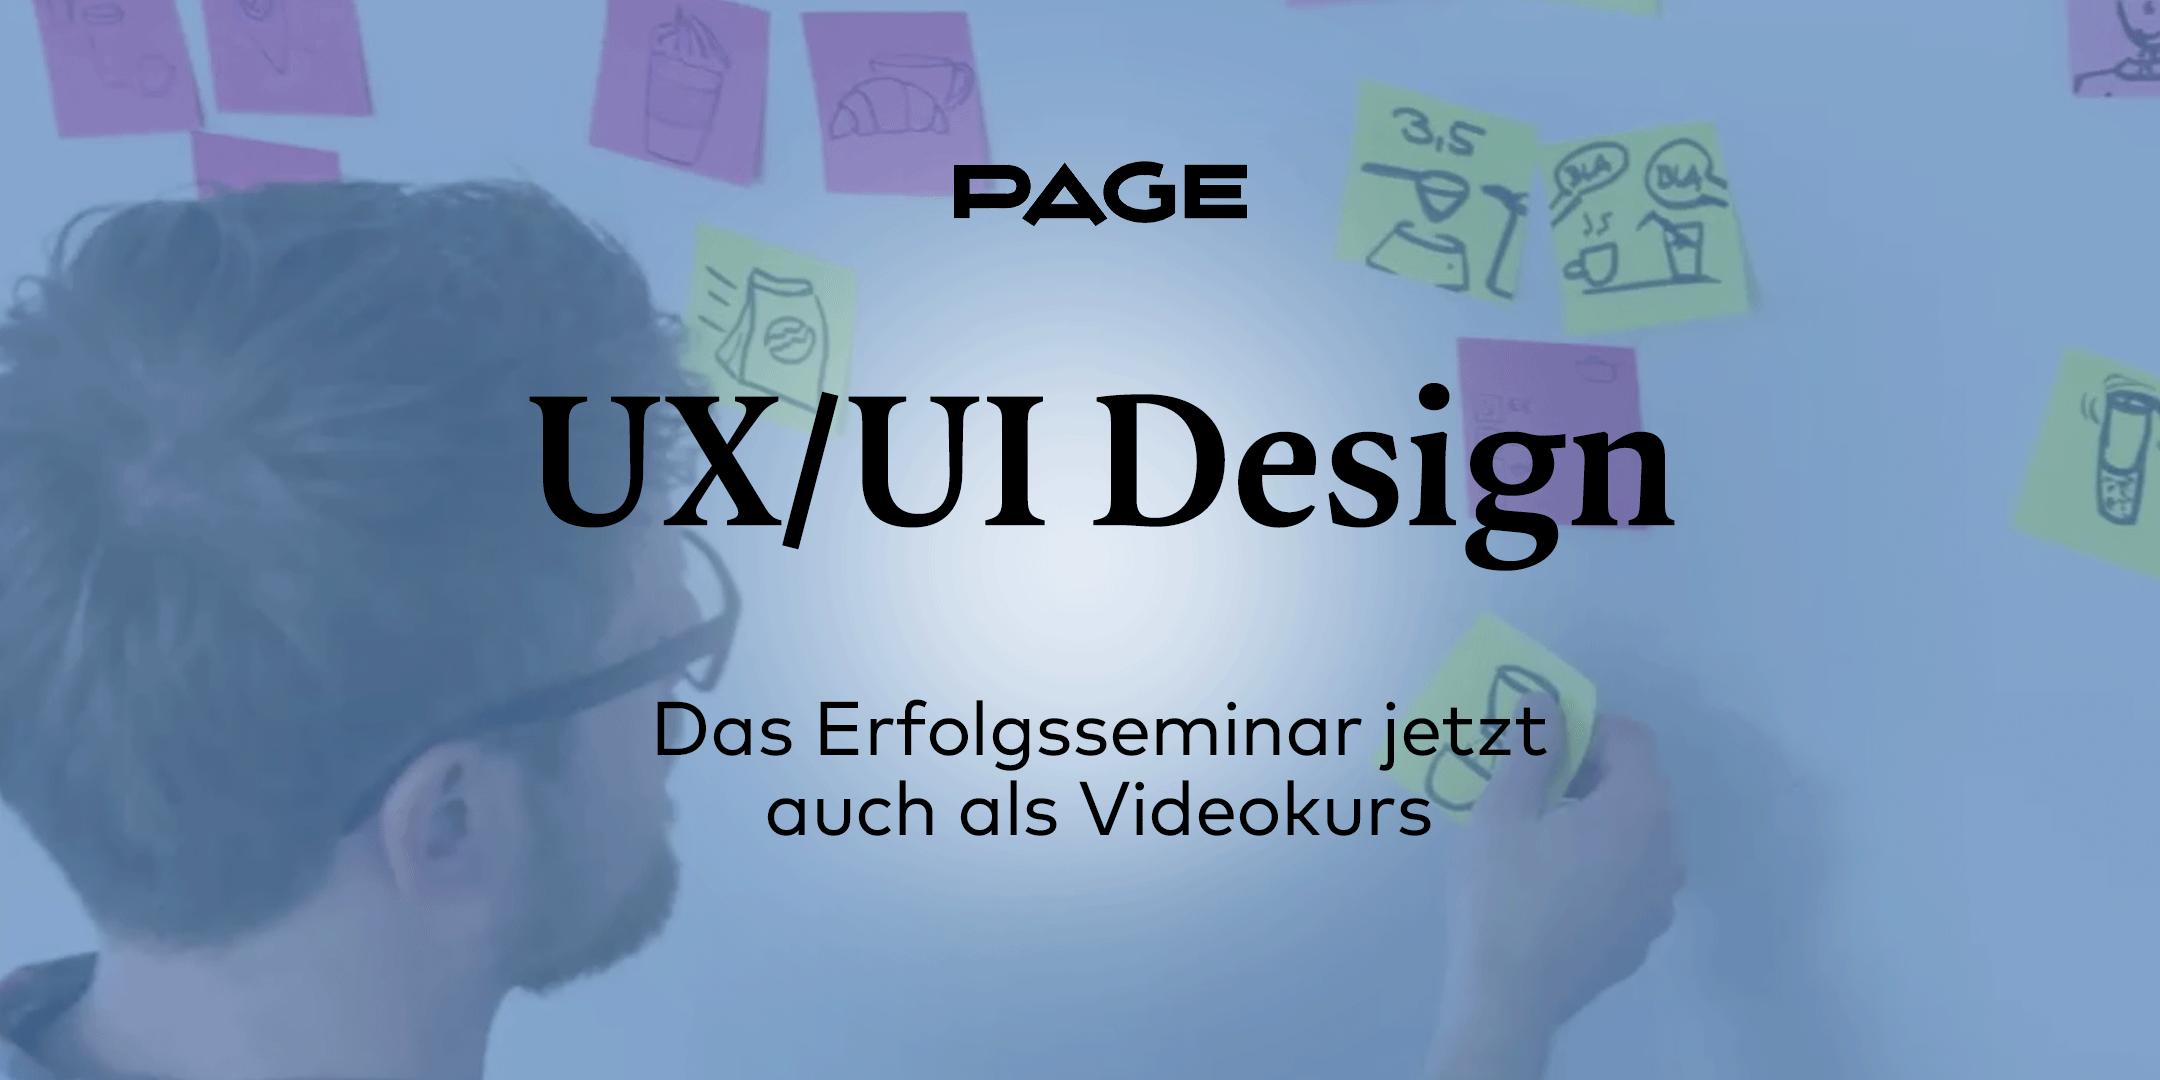 UX/UI Design-Webinar als Kurs für Zuhause